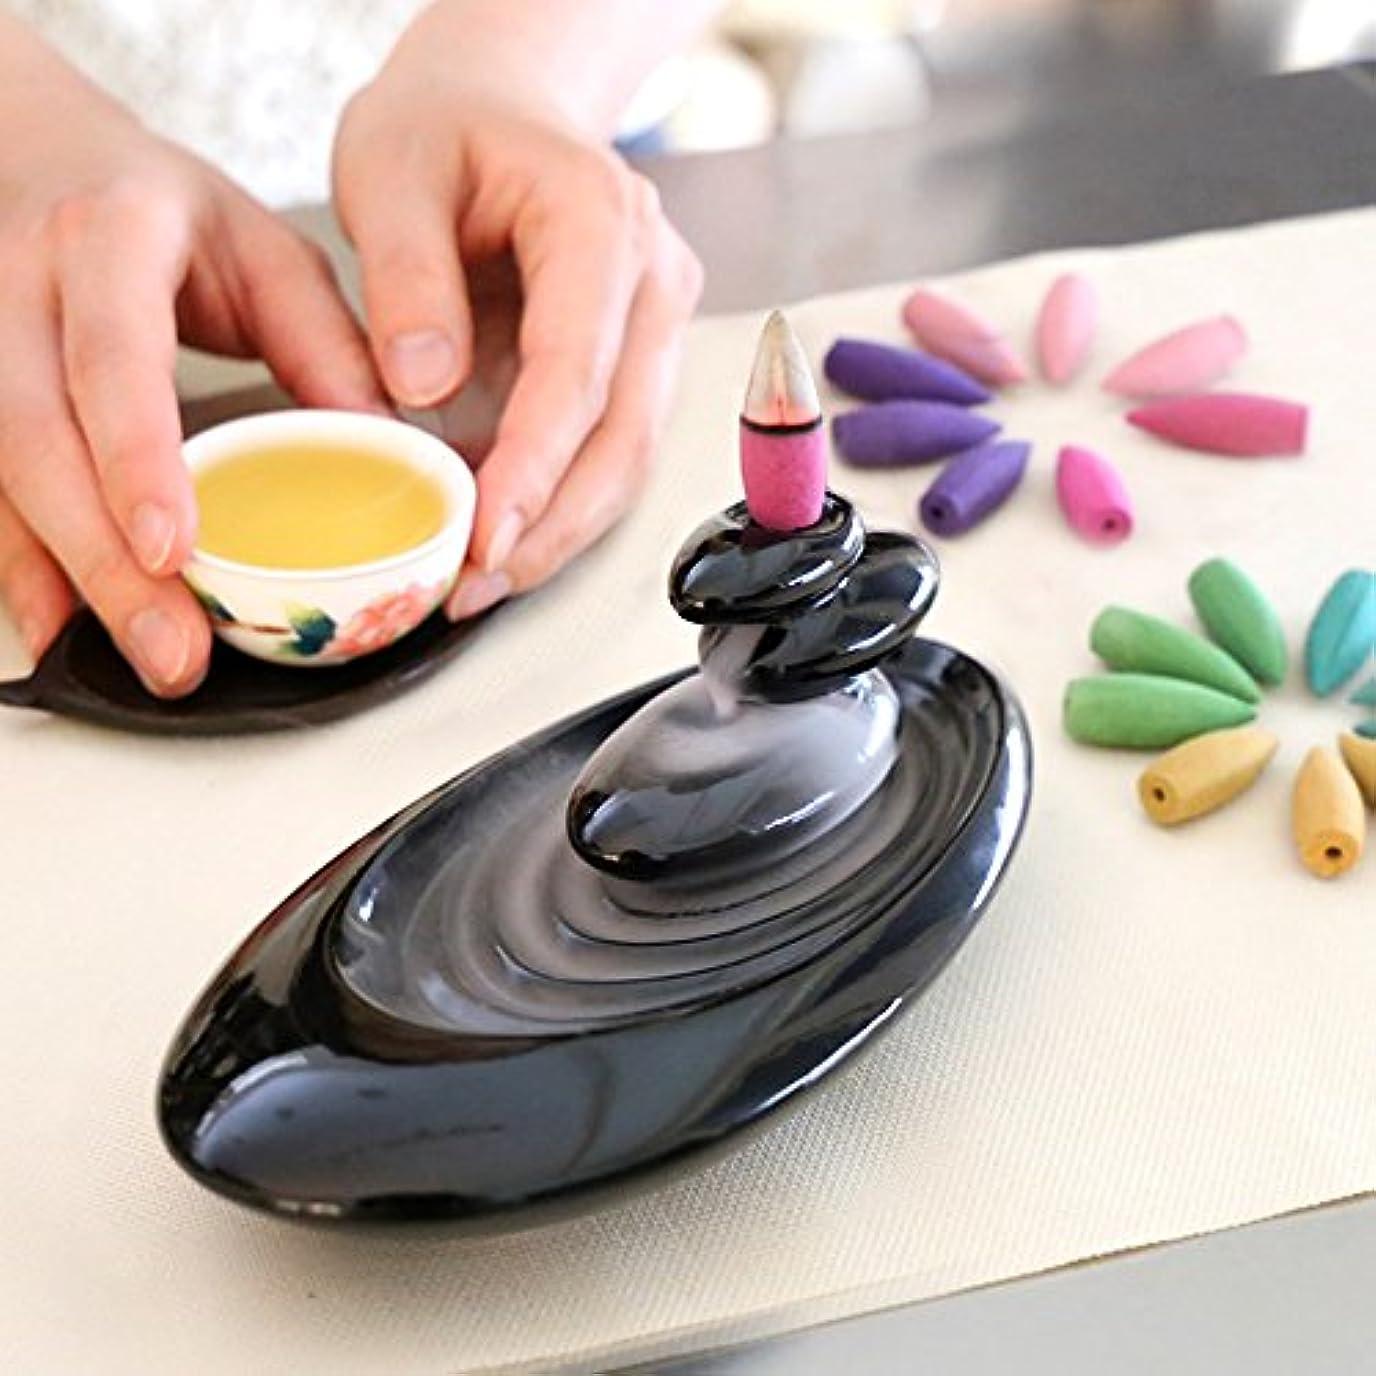 滅多ヒロイック露出度の高い倒流香 香炉 シンプル 6種の香り アロマ香炉 ギフトBOX仕様 アロマインセンス 逆流香 誕生日 プレゼント (誕生日カード)